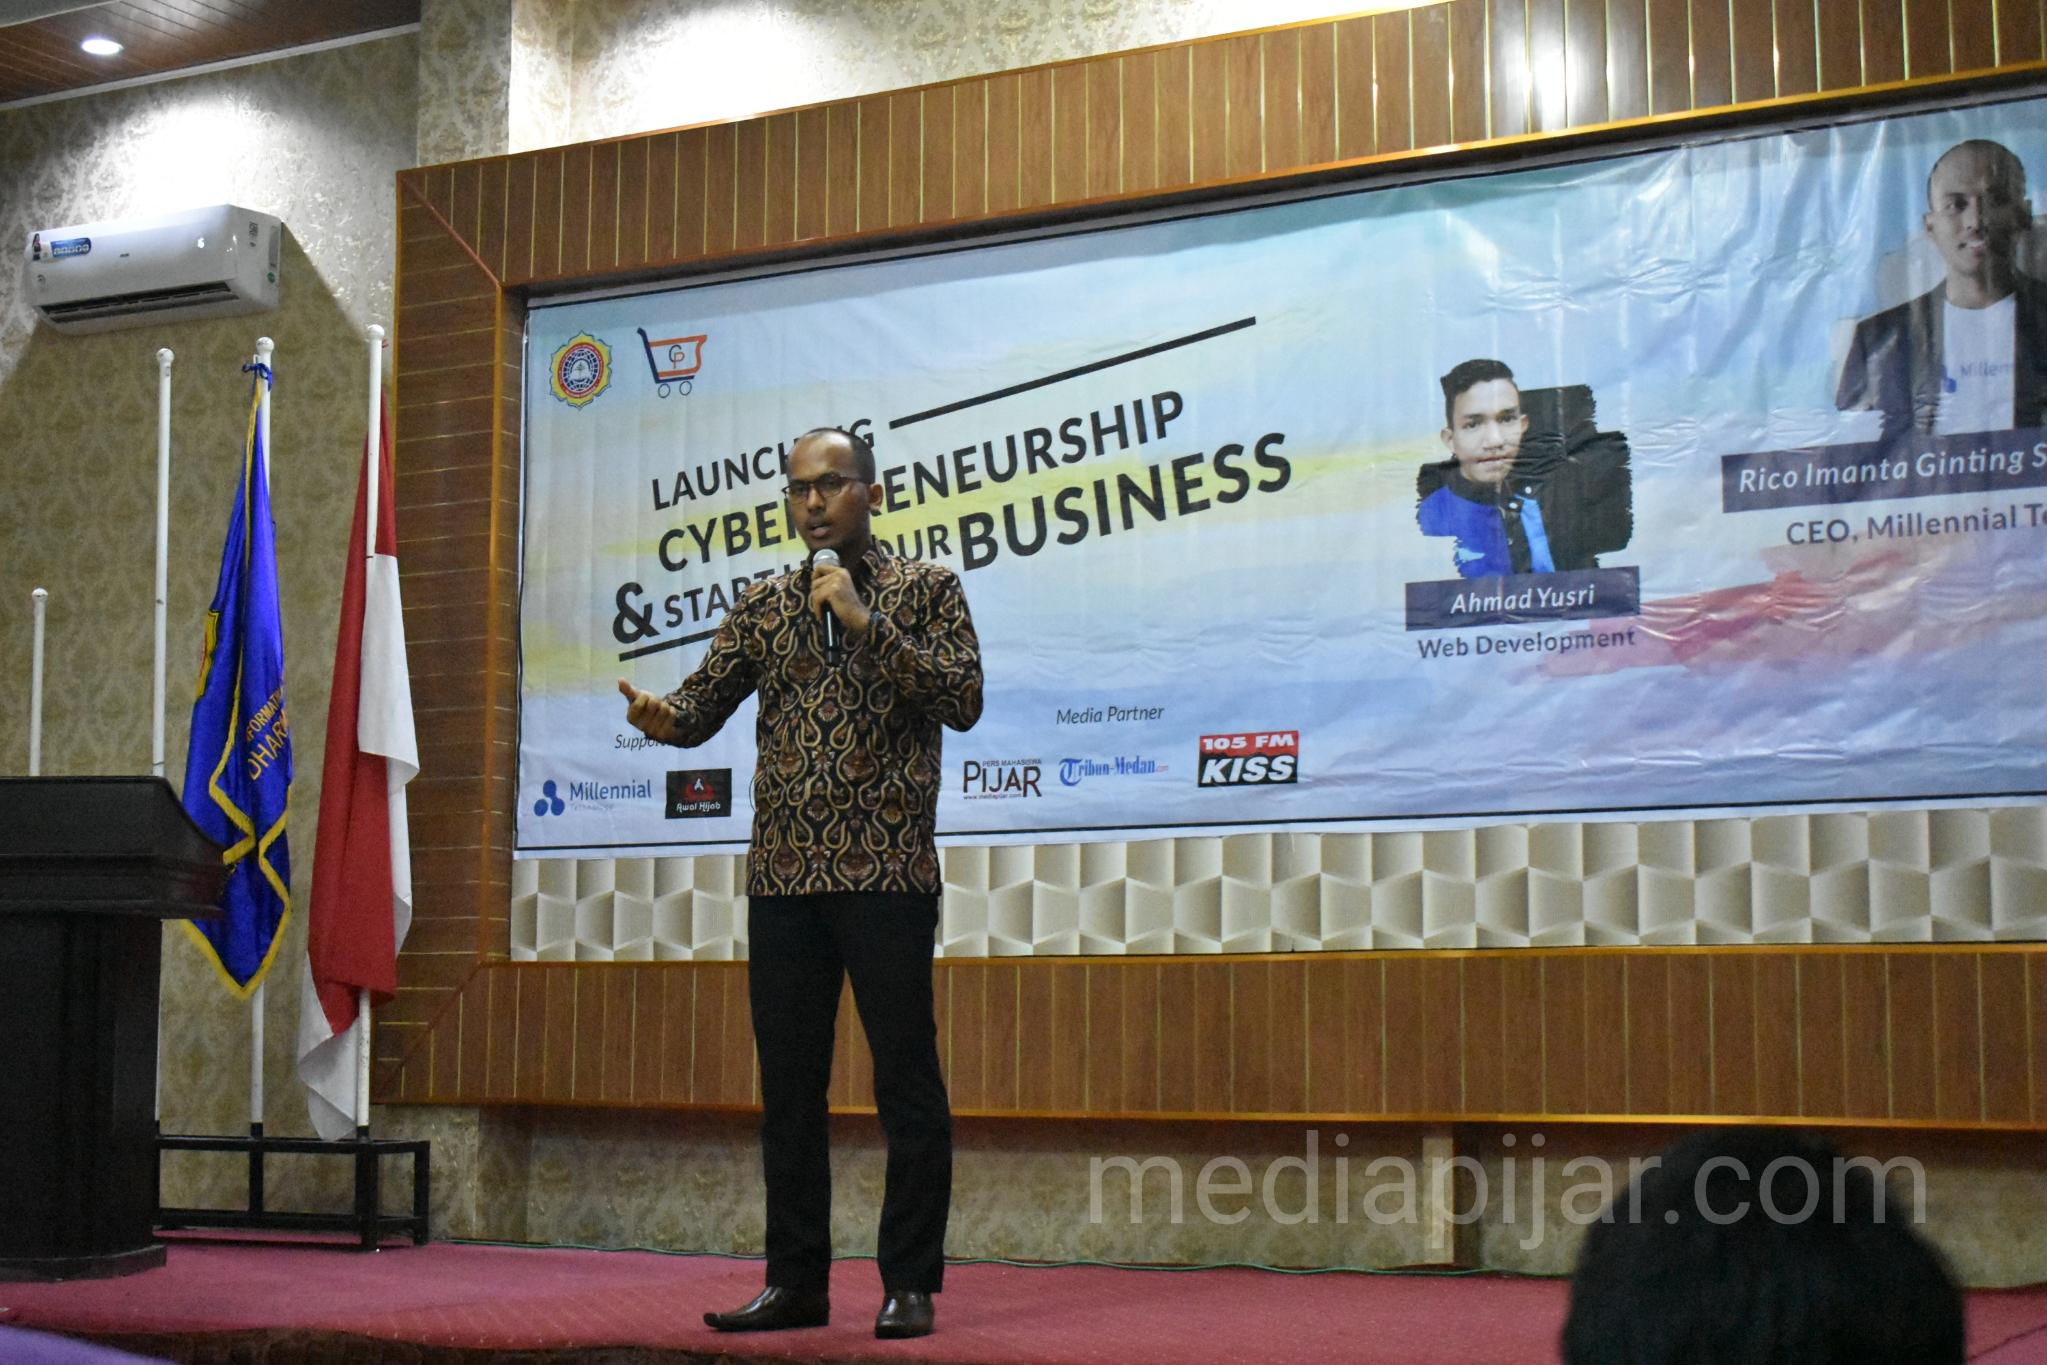 Penyampaian Materi Mengenai Bisnis Start Up oleh Rico Imanta Ginting pada acara Seminar Cyberpreneurship. (2/3) (Fotografer: Achmad Syah Galang)